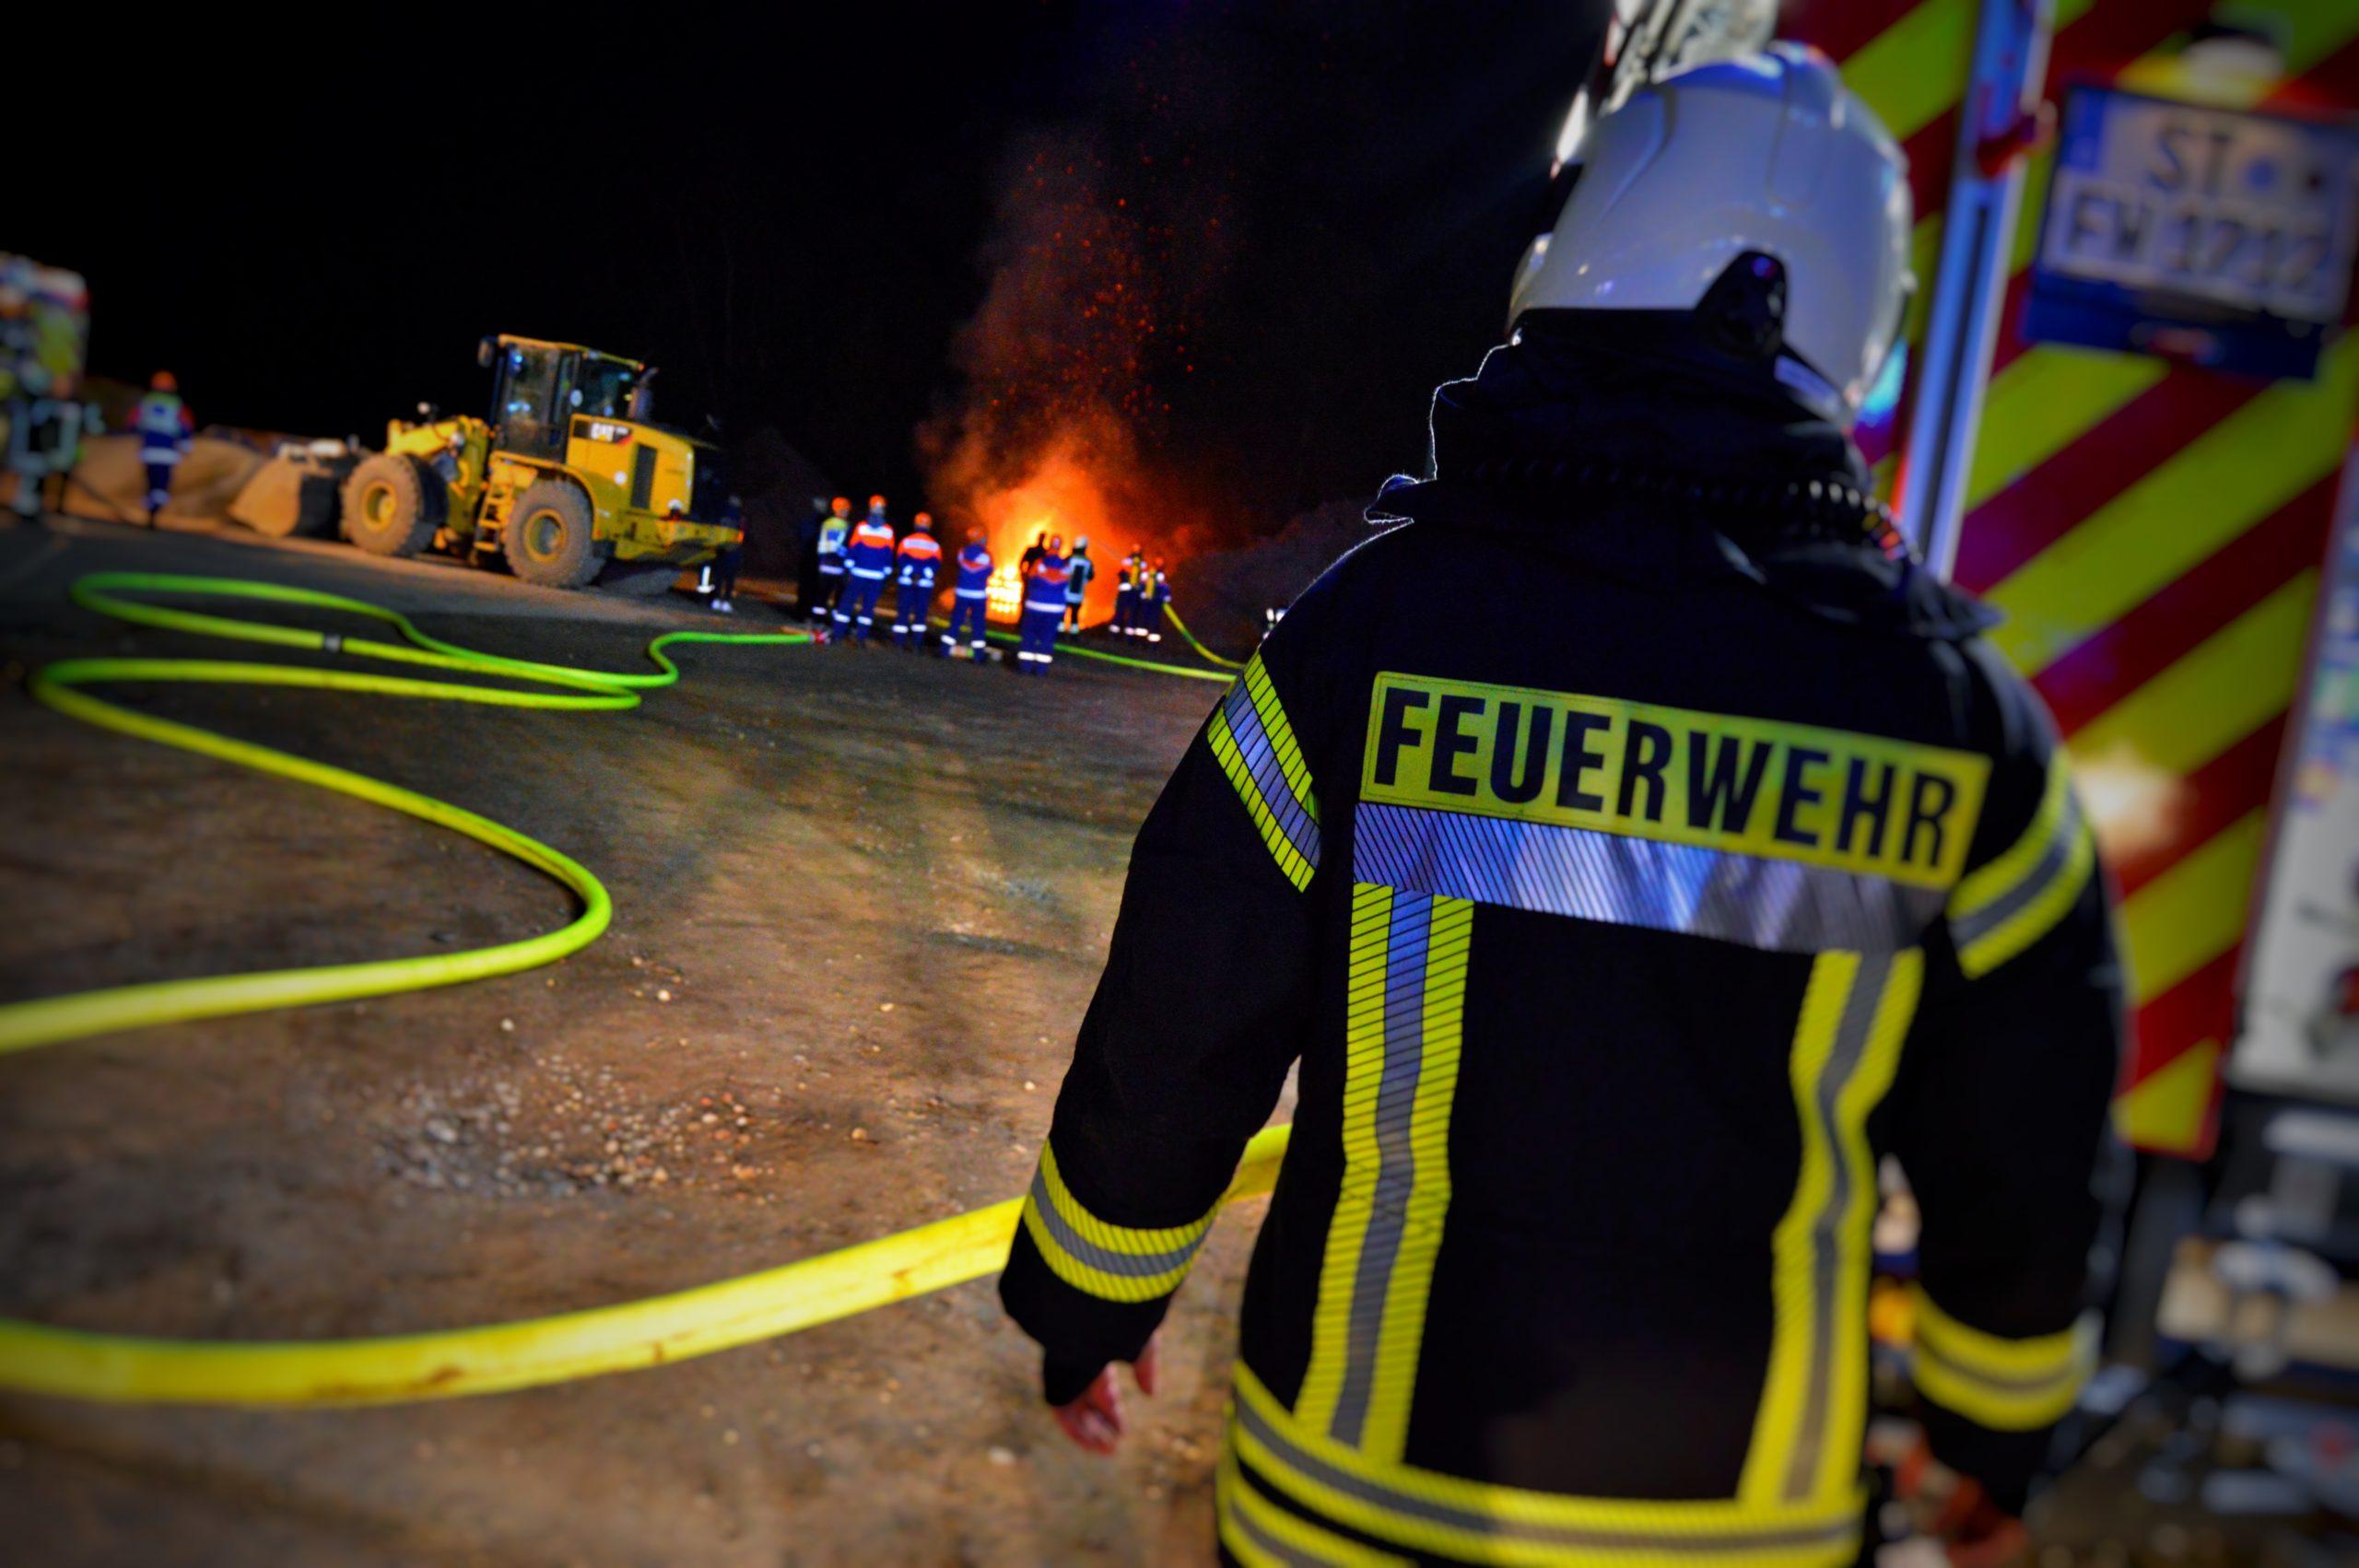 Berufsfeuerwehrtag_Jugendfeuerwehr_Ochtrup_2021_Presse (1)